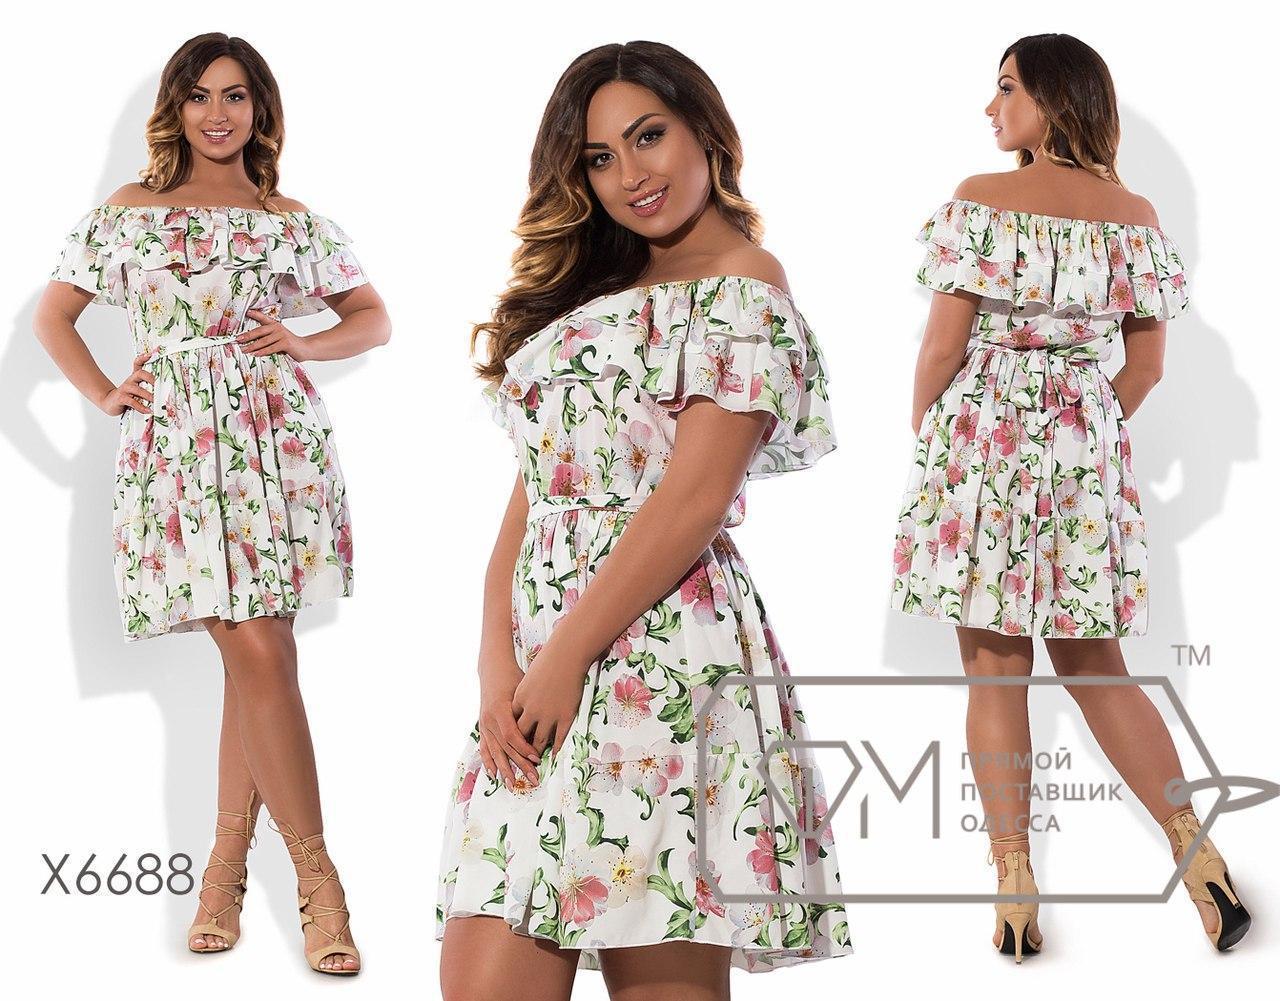 Платье с открытыми плечами в батальних размерах p-tauk51392